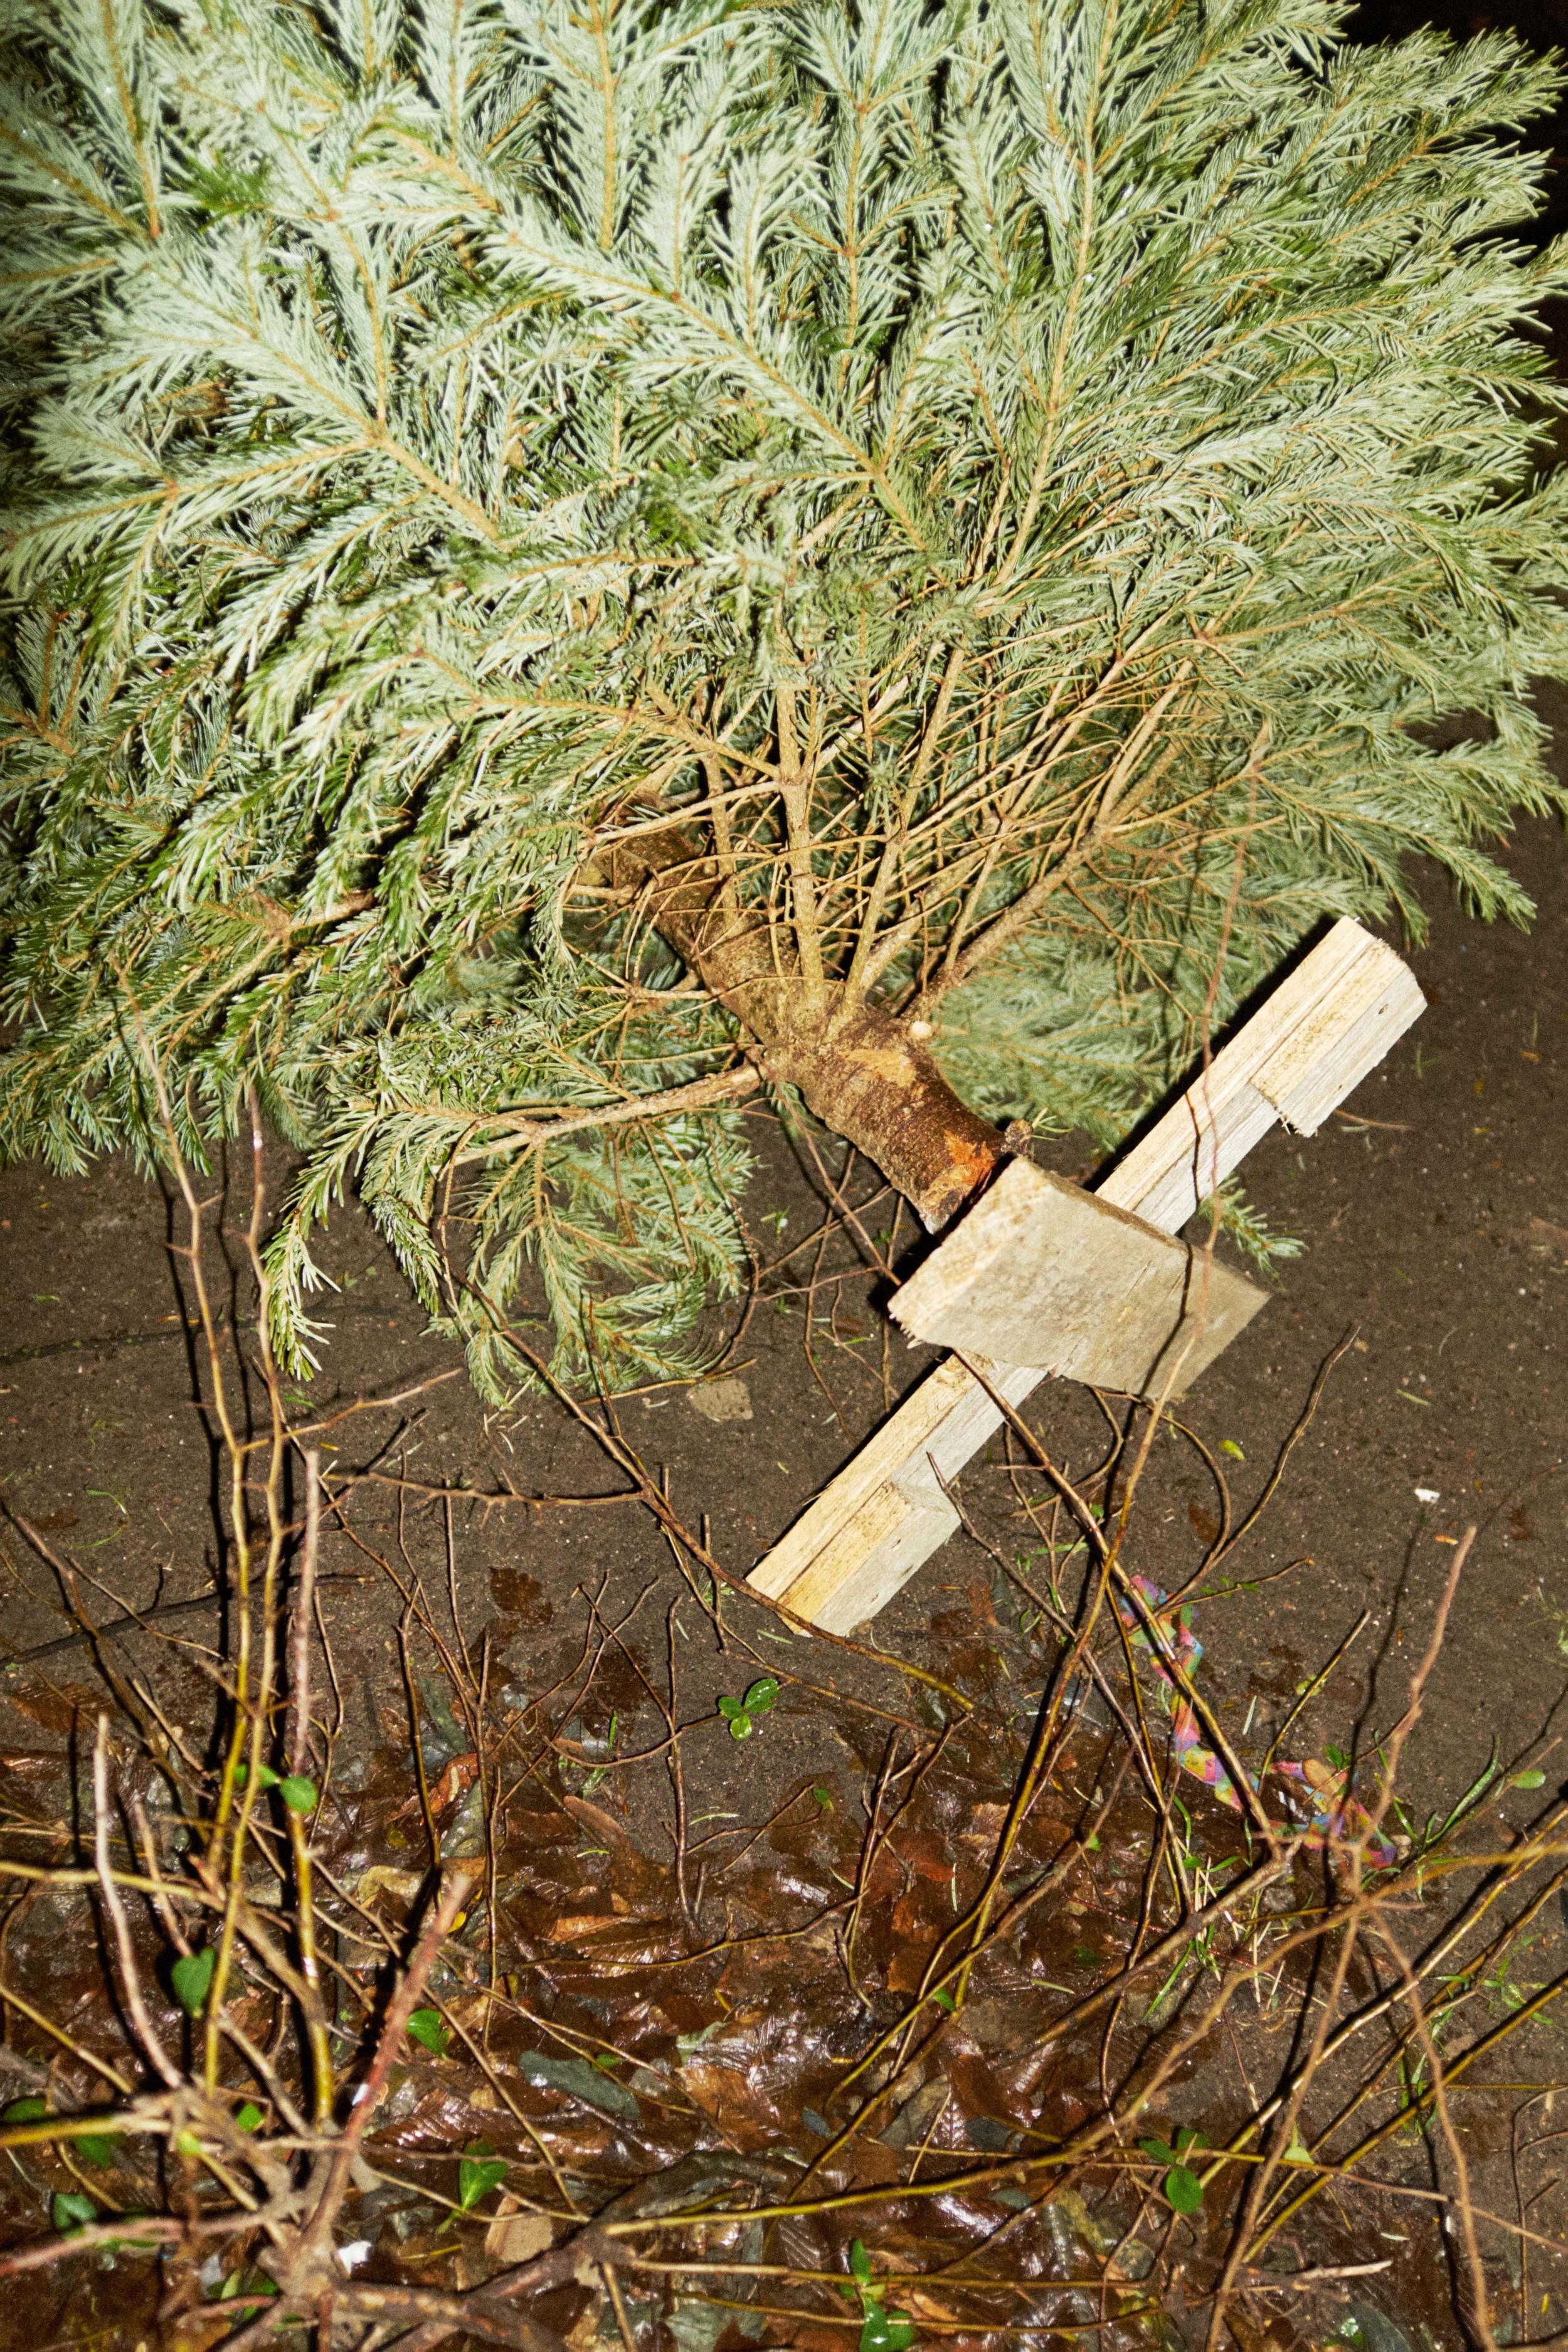 Weihnachtsbaum_15-01-12_DSF3512.jpg